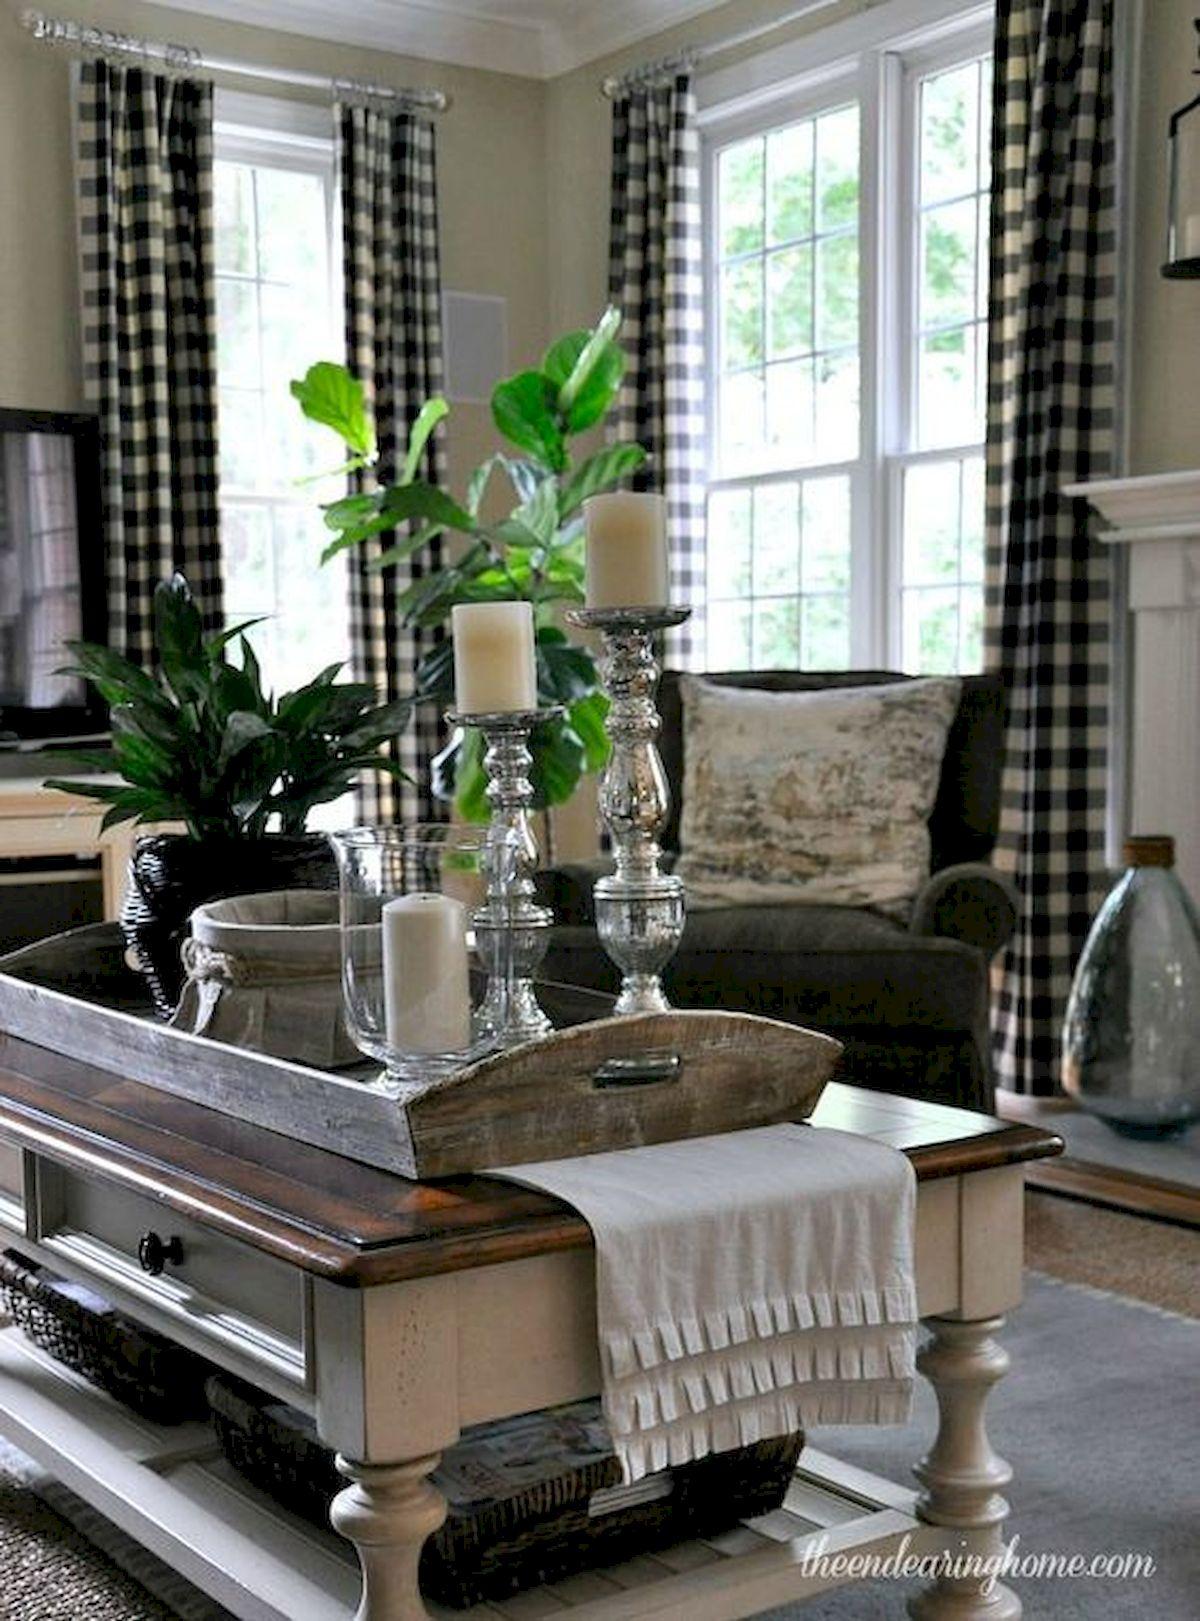 50 Cozy Farmhouse Living Room Design and Decor Ideas (8)